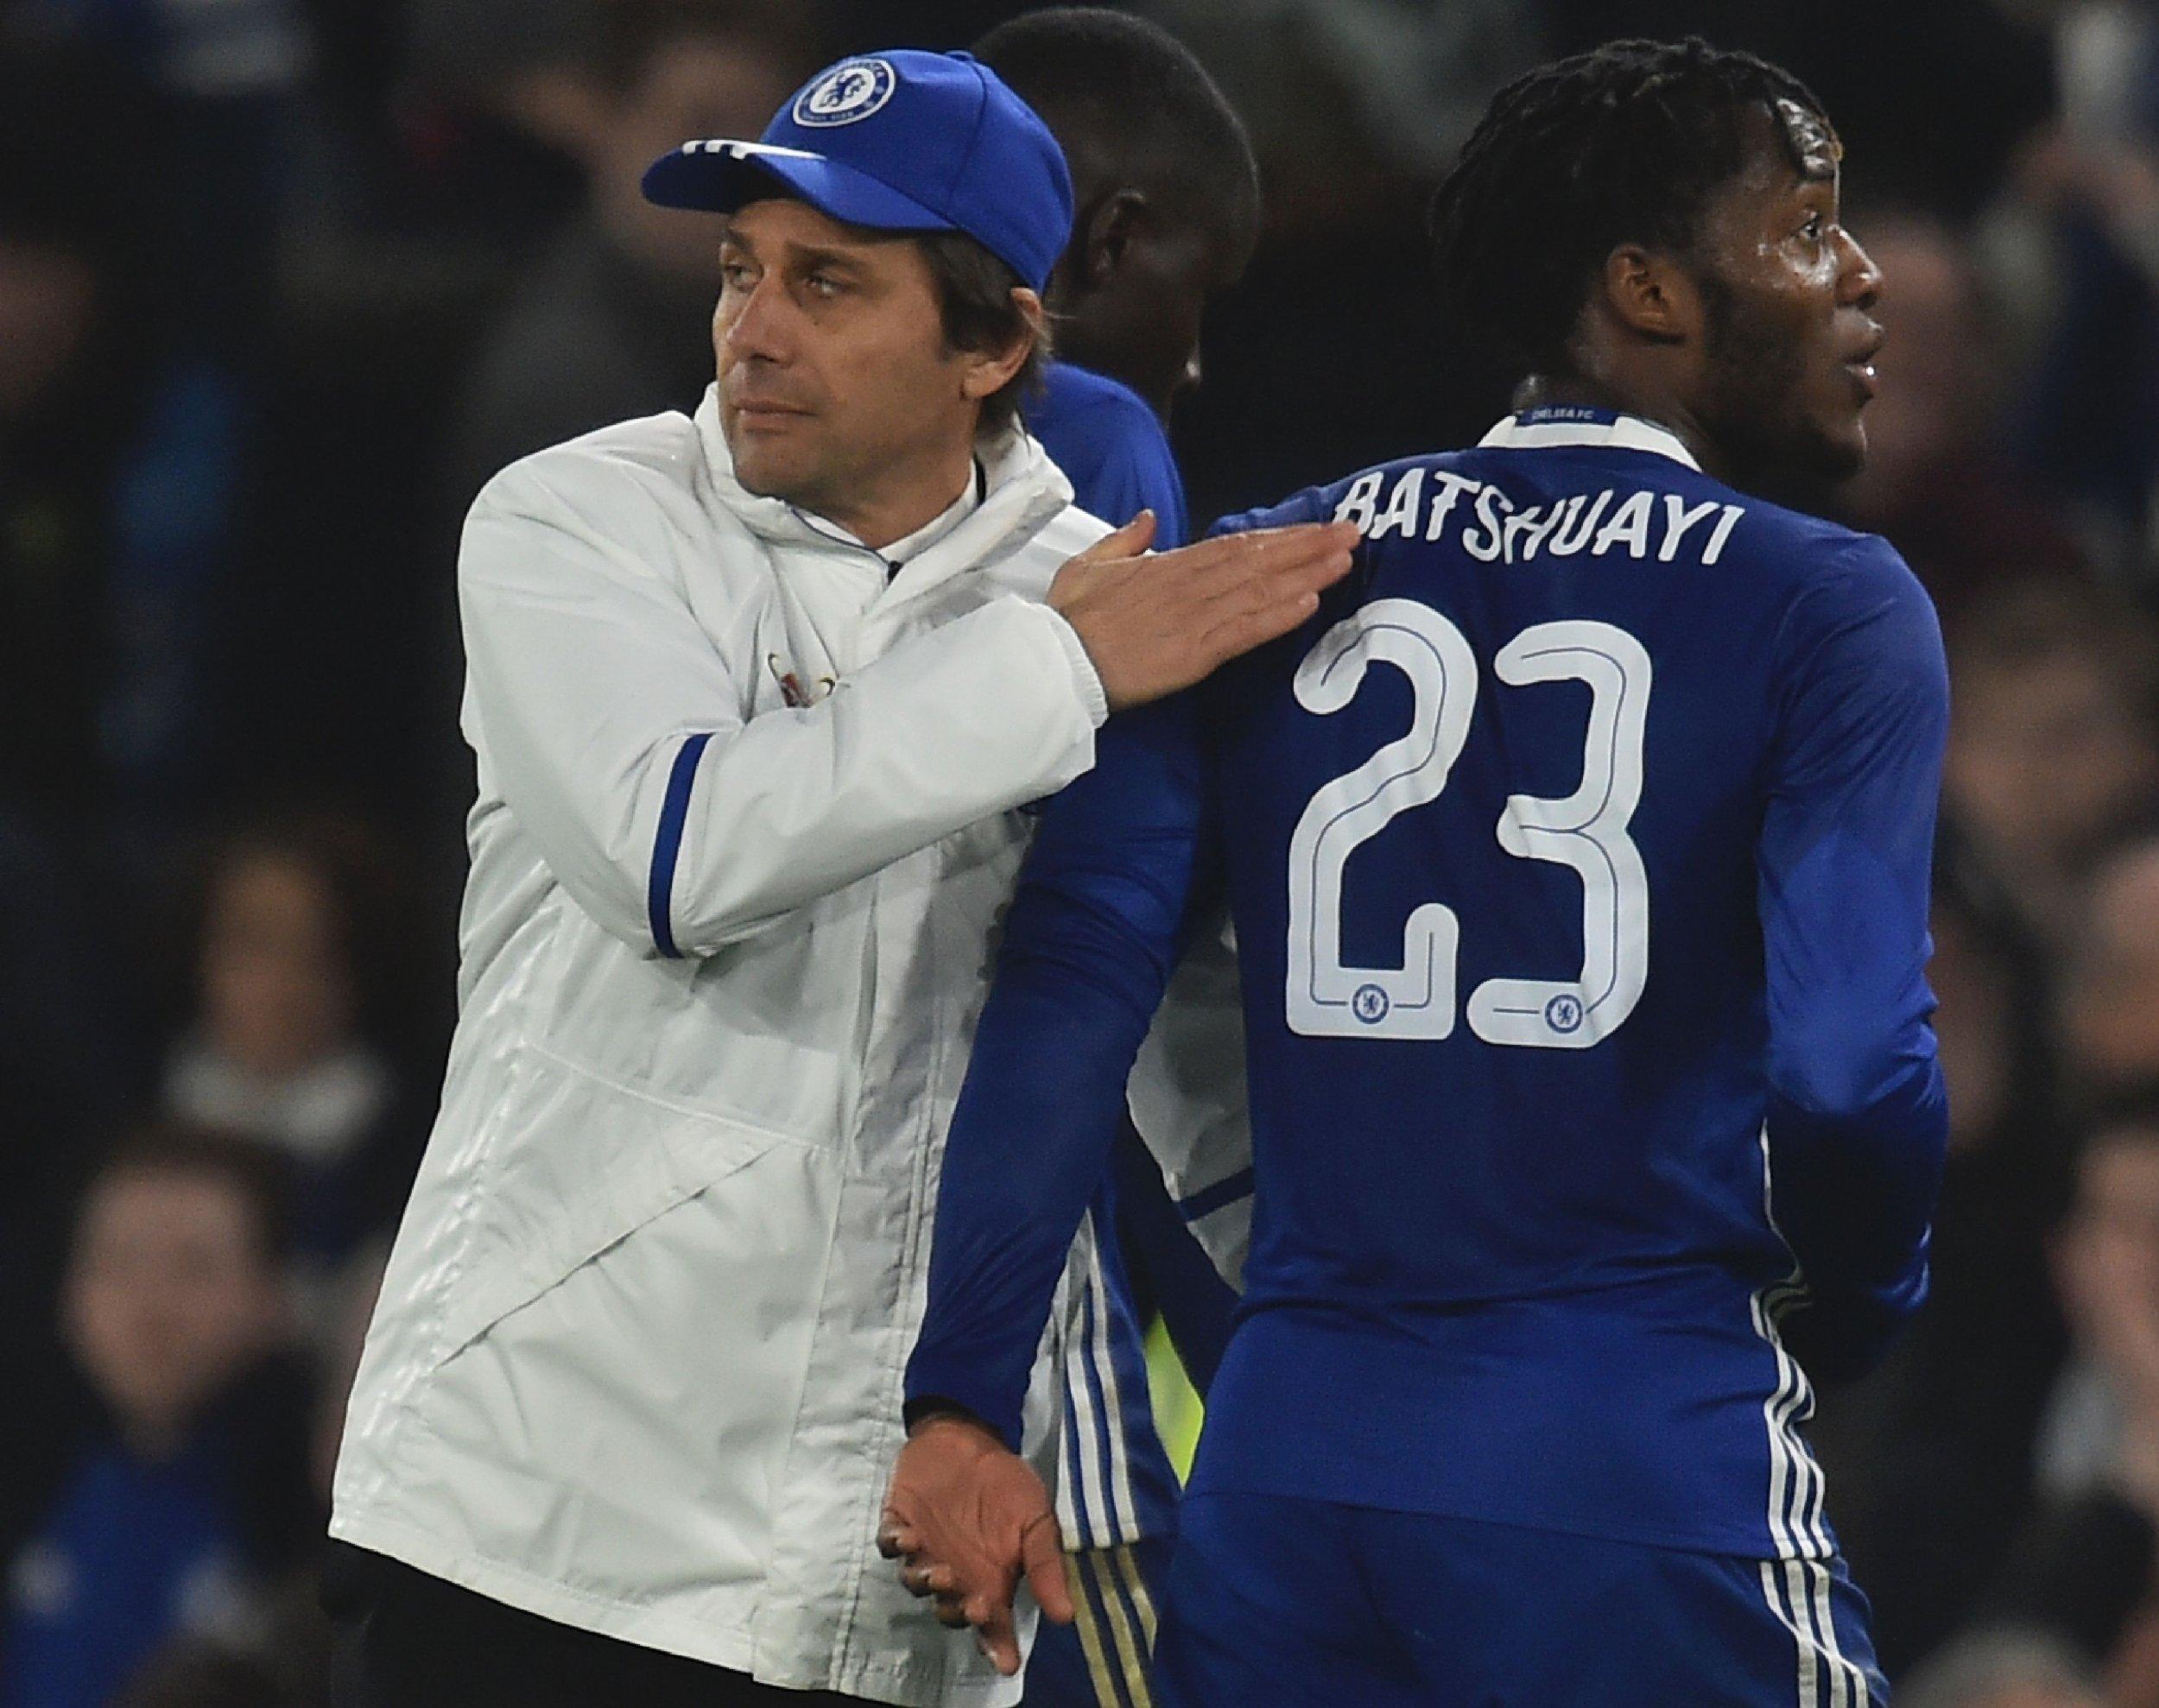 Conte and Batshuayi